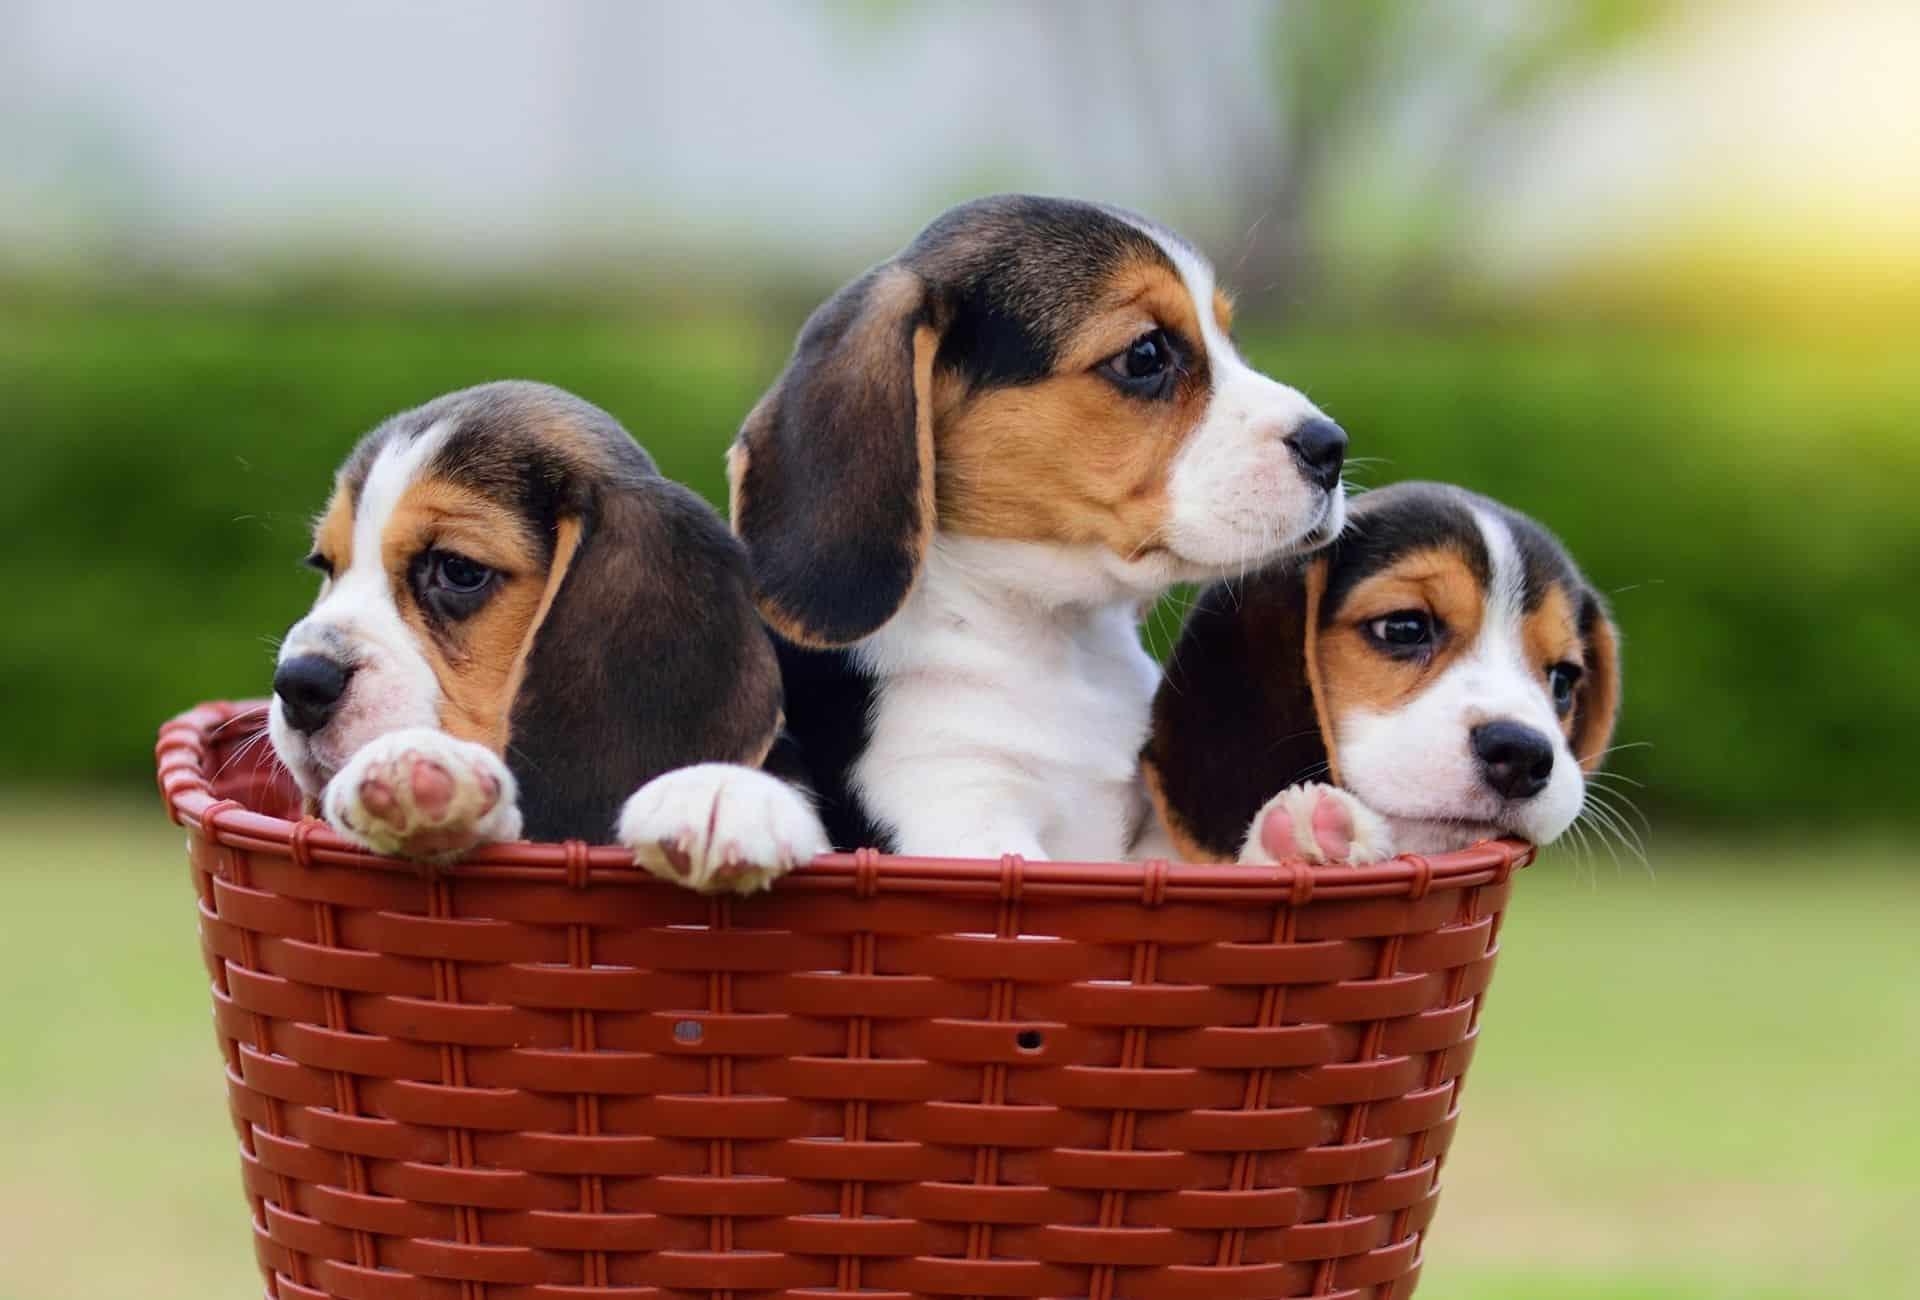 Tres cachorros beagle sentados en una canasta. Los pequeños sinvergüenzas pueden desarrollar el síndrome del compañero de camada si se los lleva a casa juntos.